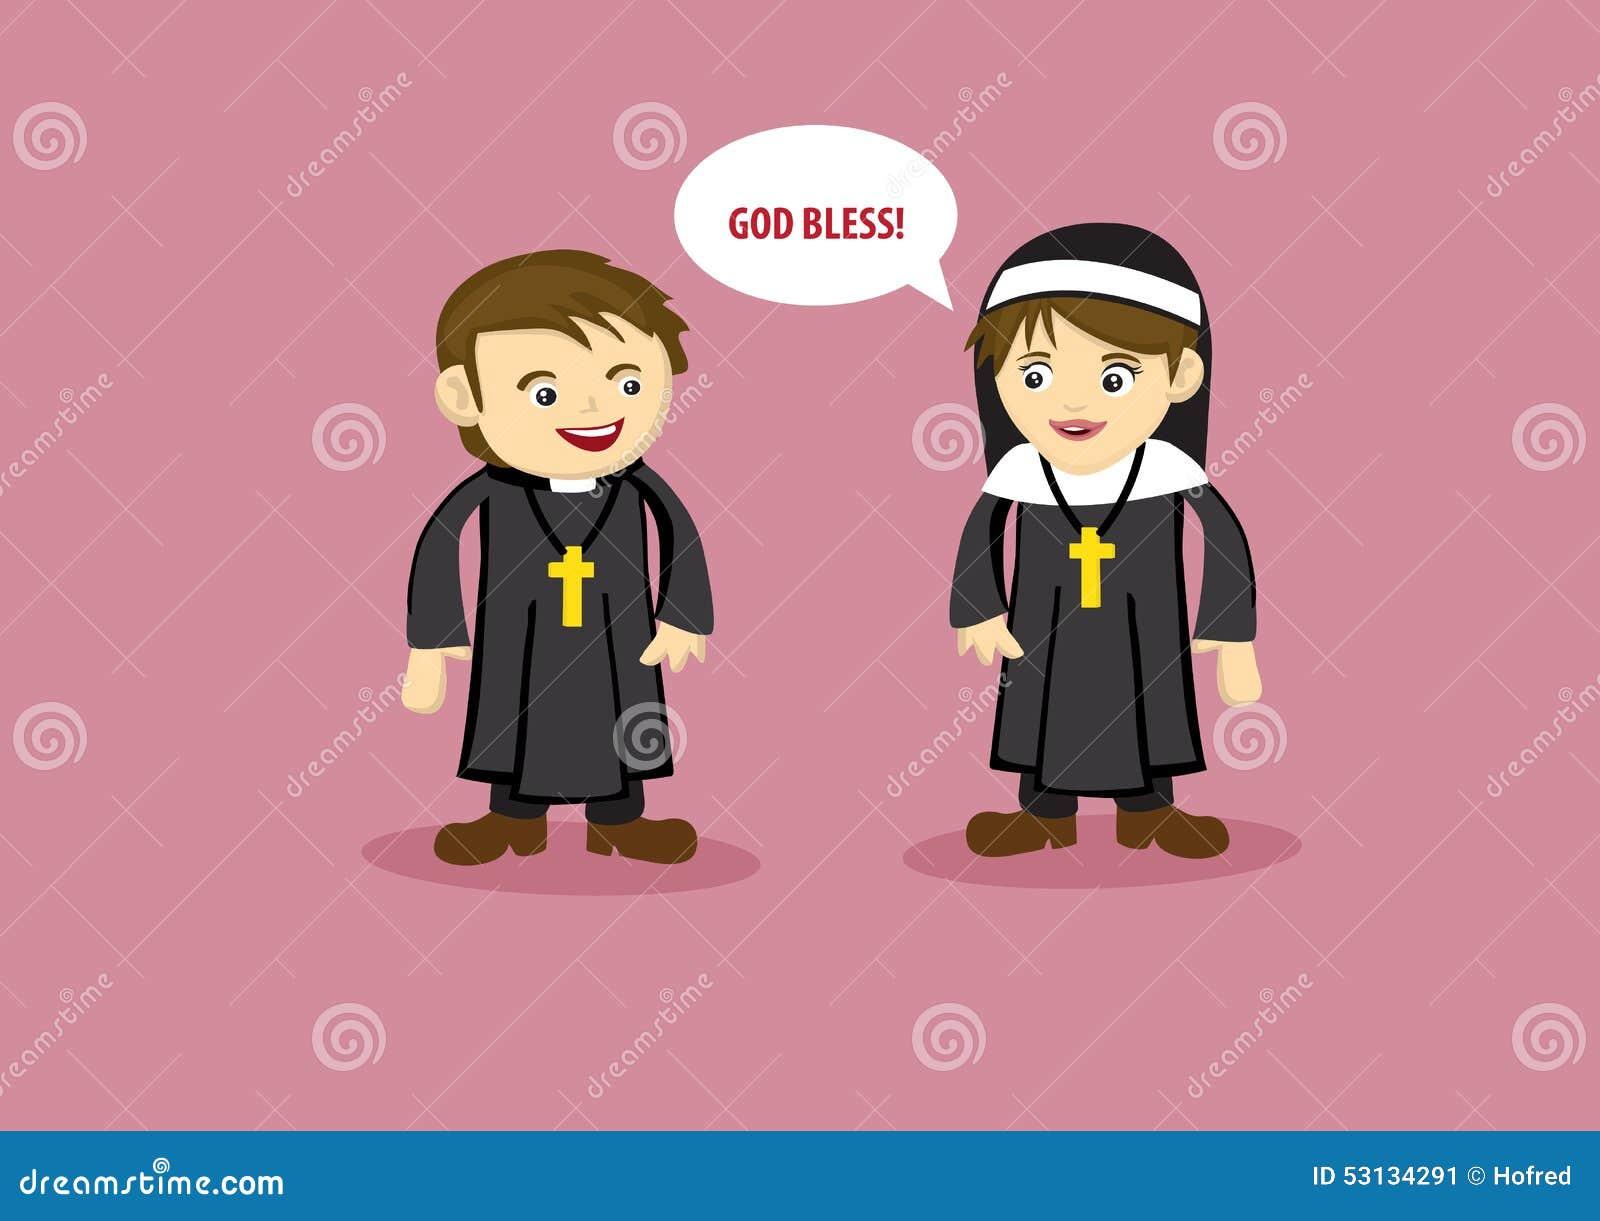 Cute Nun Says God Bless To Priest Cartoon Style Vector